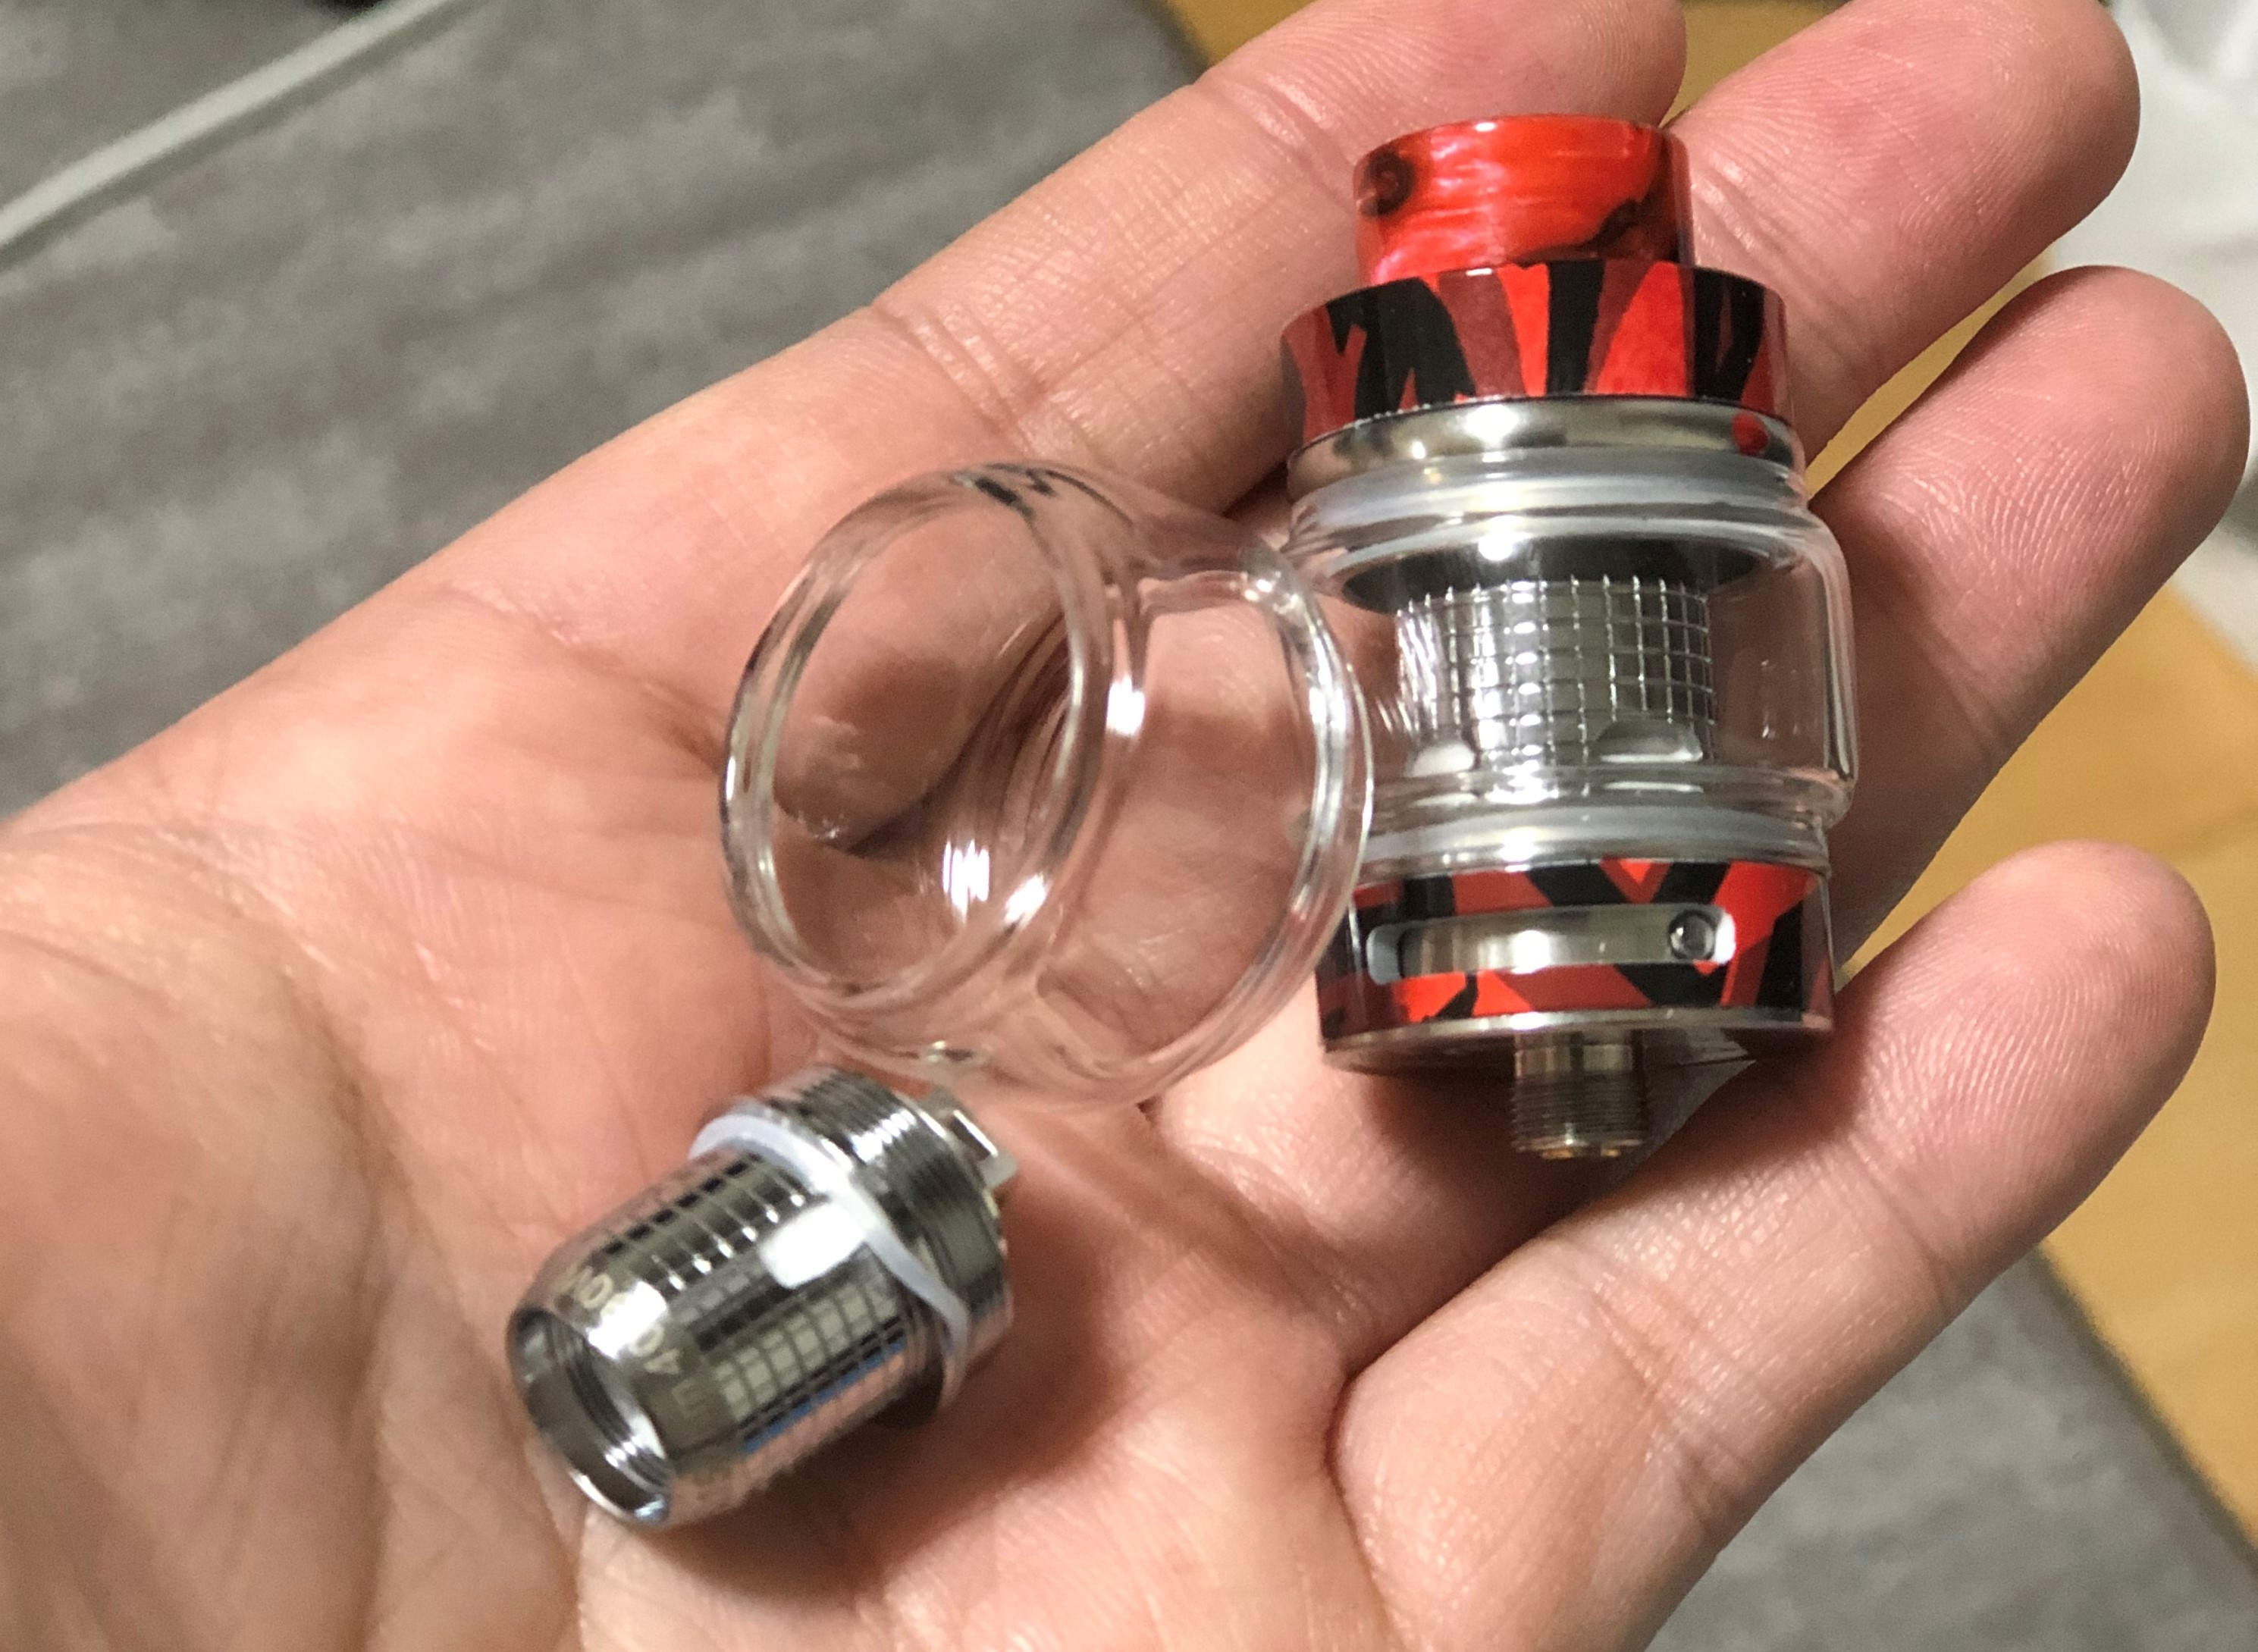 20190210 085609184 iOS - 【レビュー】Freemax社謹製!Twister 80W 爆煙 Starter Kit+タンクセットを吸ってFreemaxの本気モードを感じた